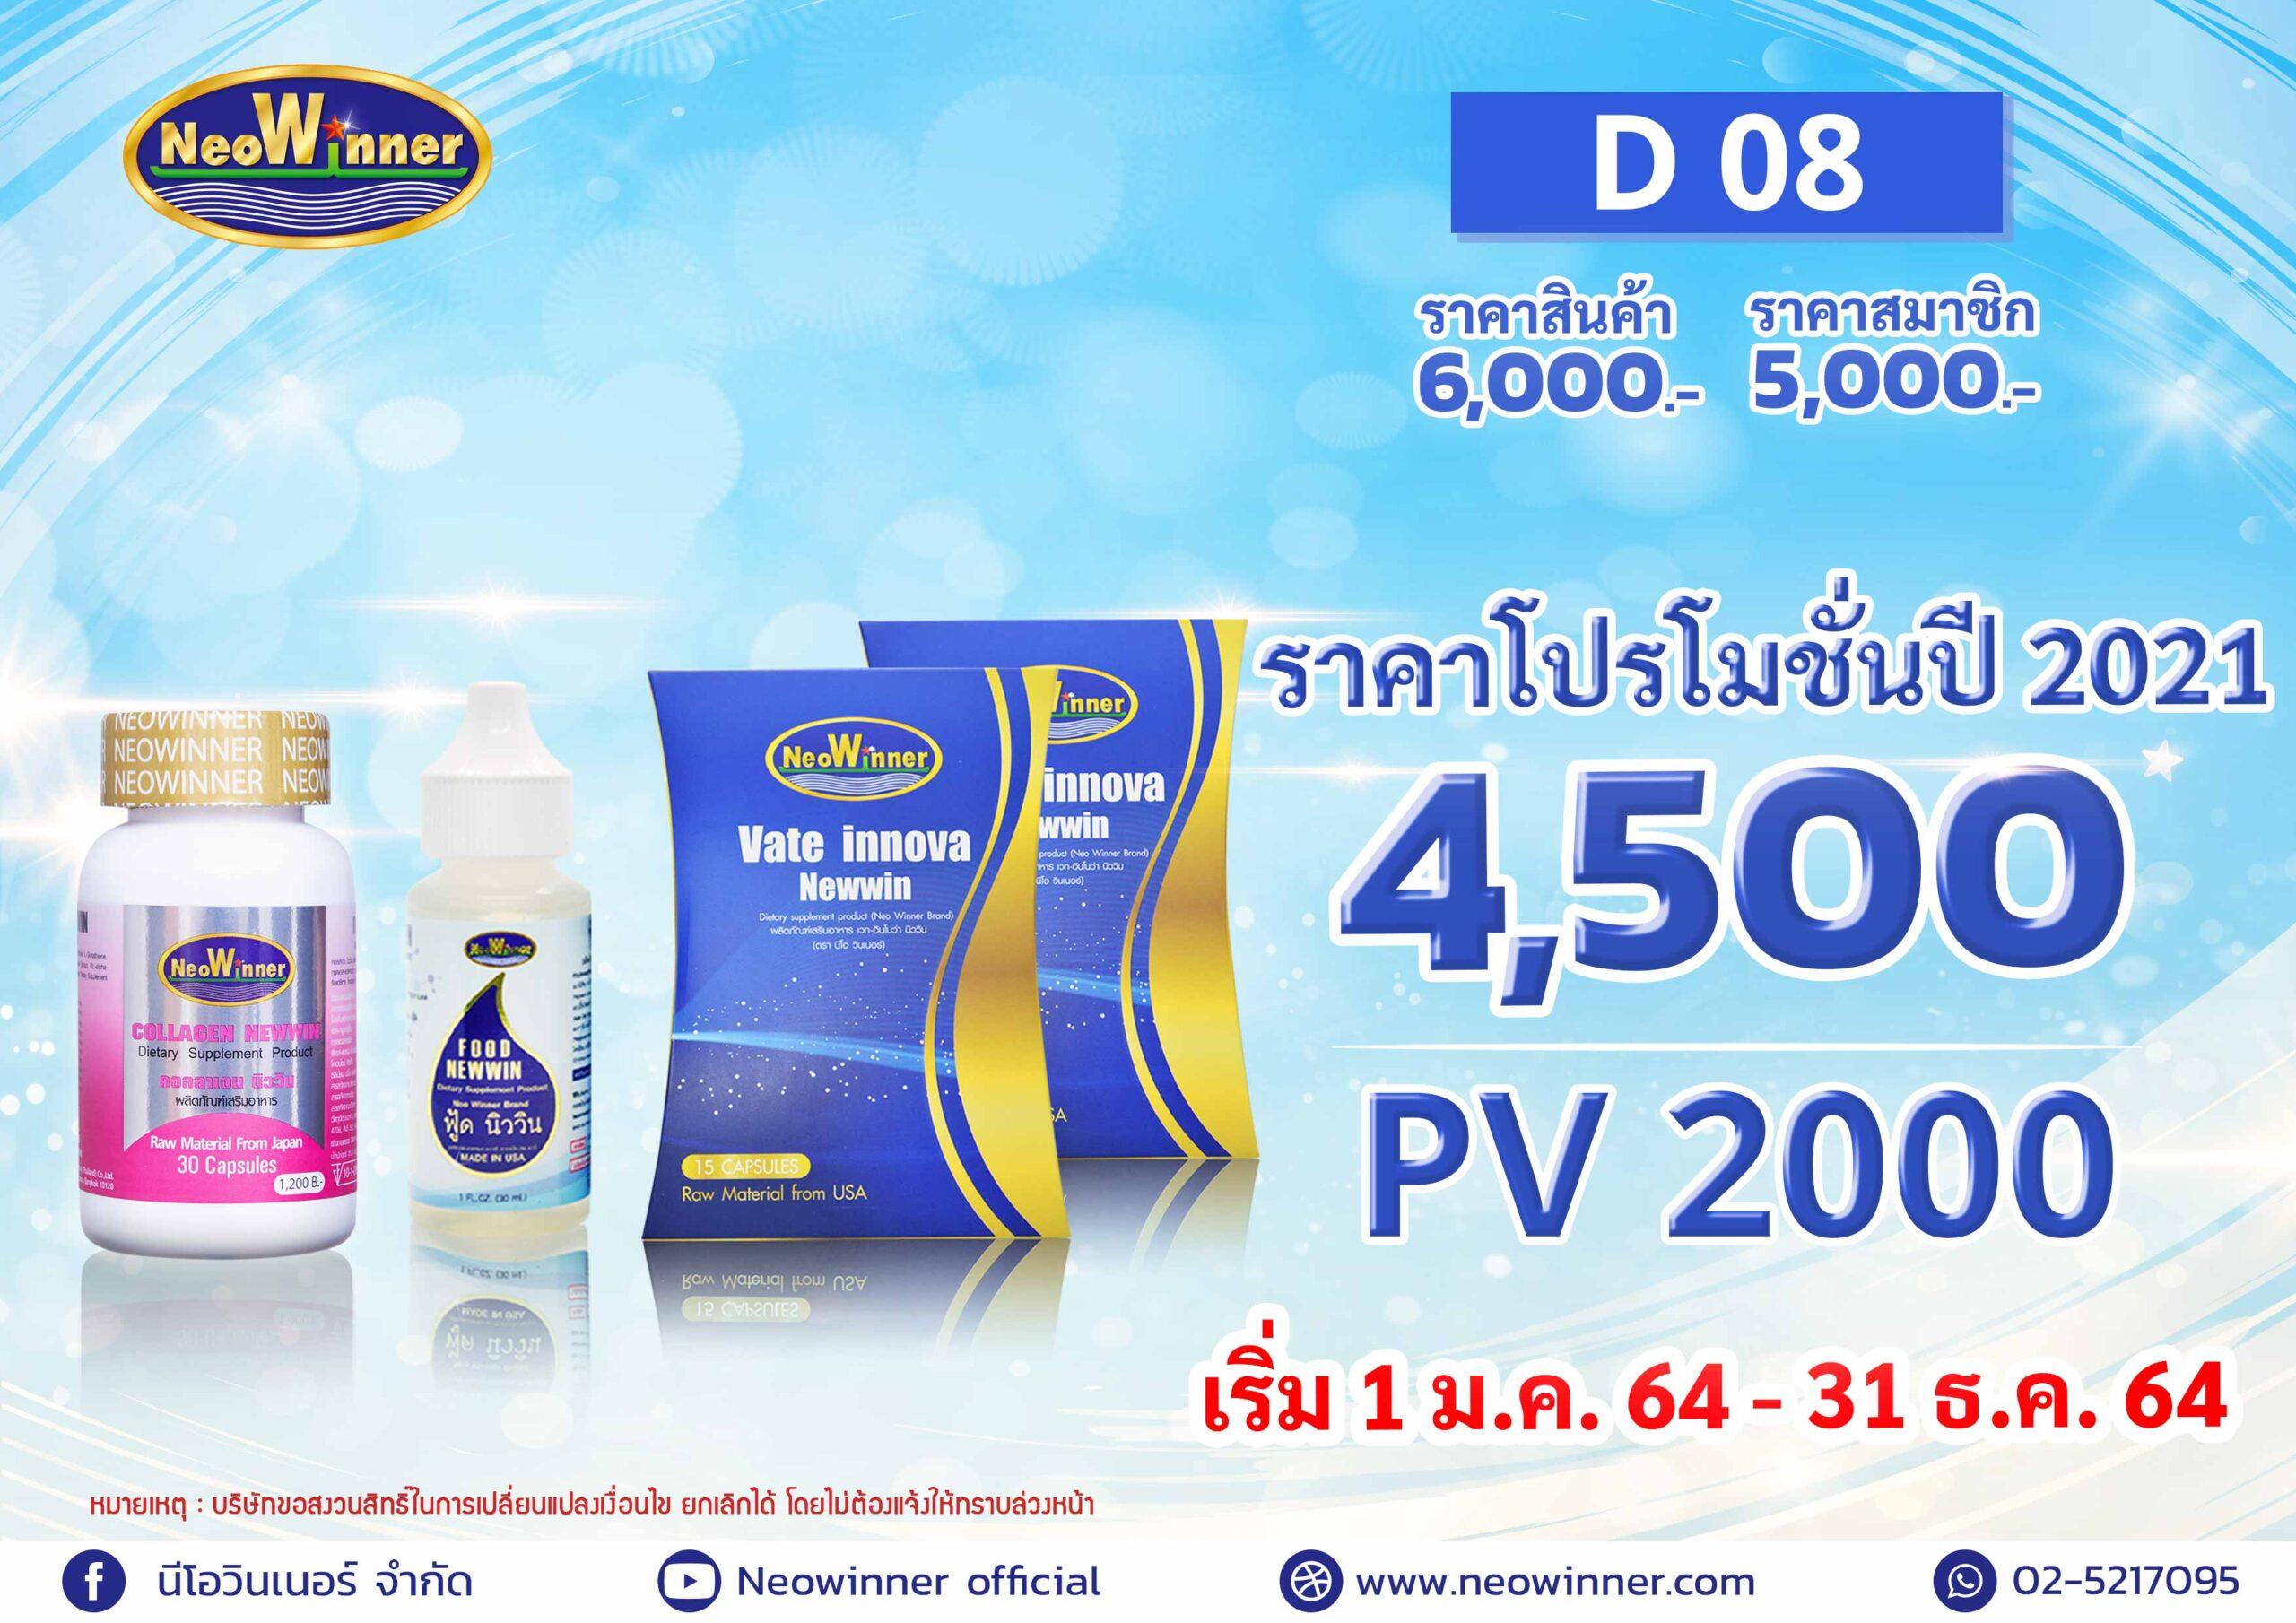 Promotion-D-08-2021